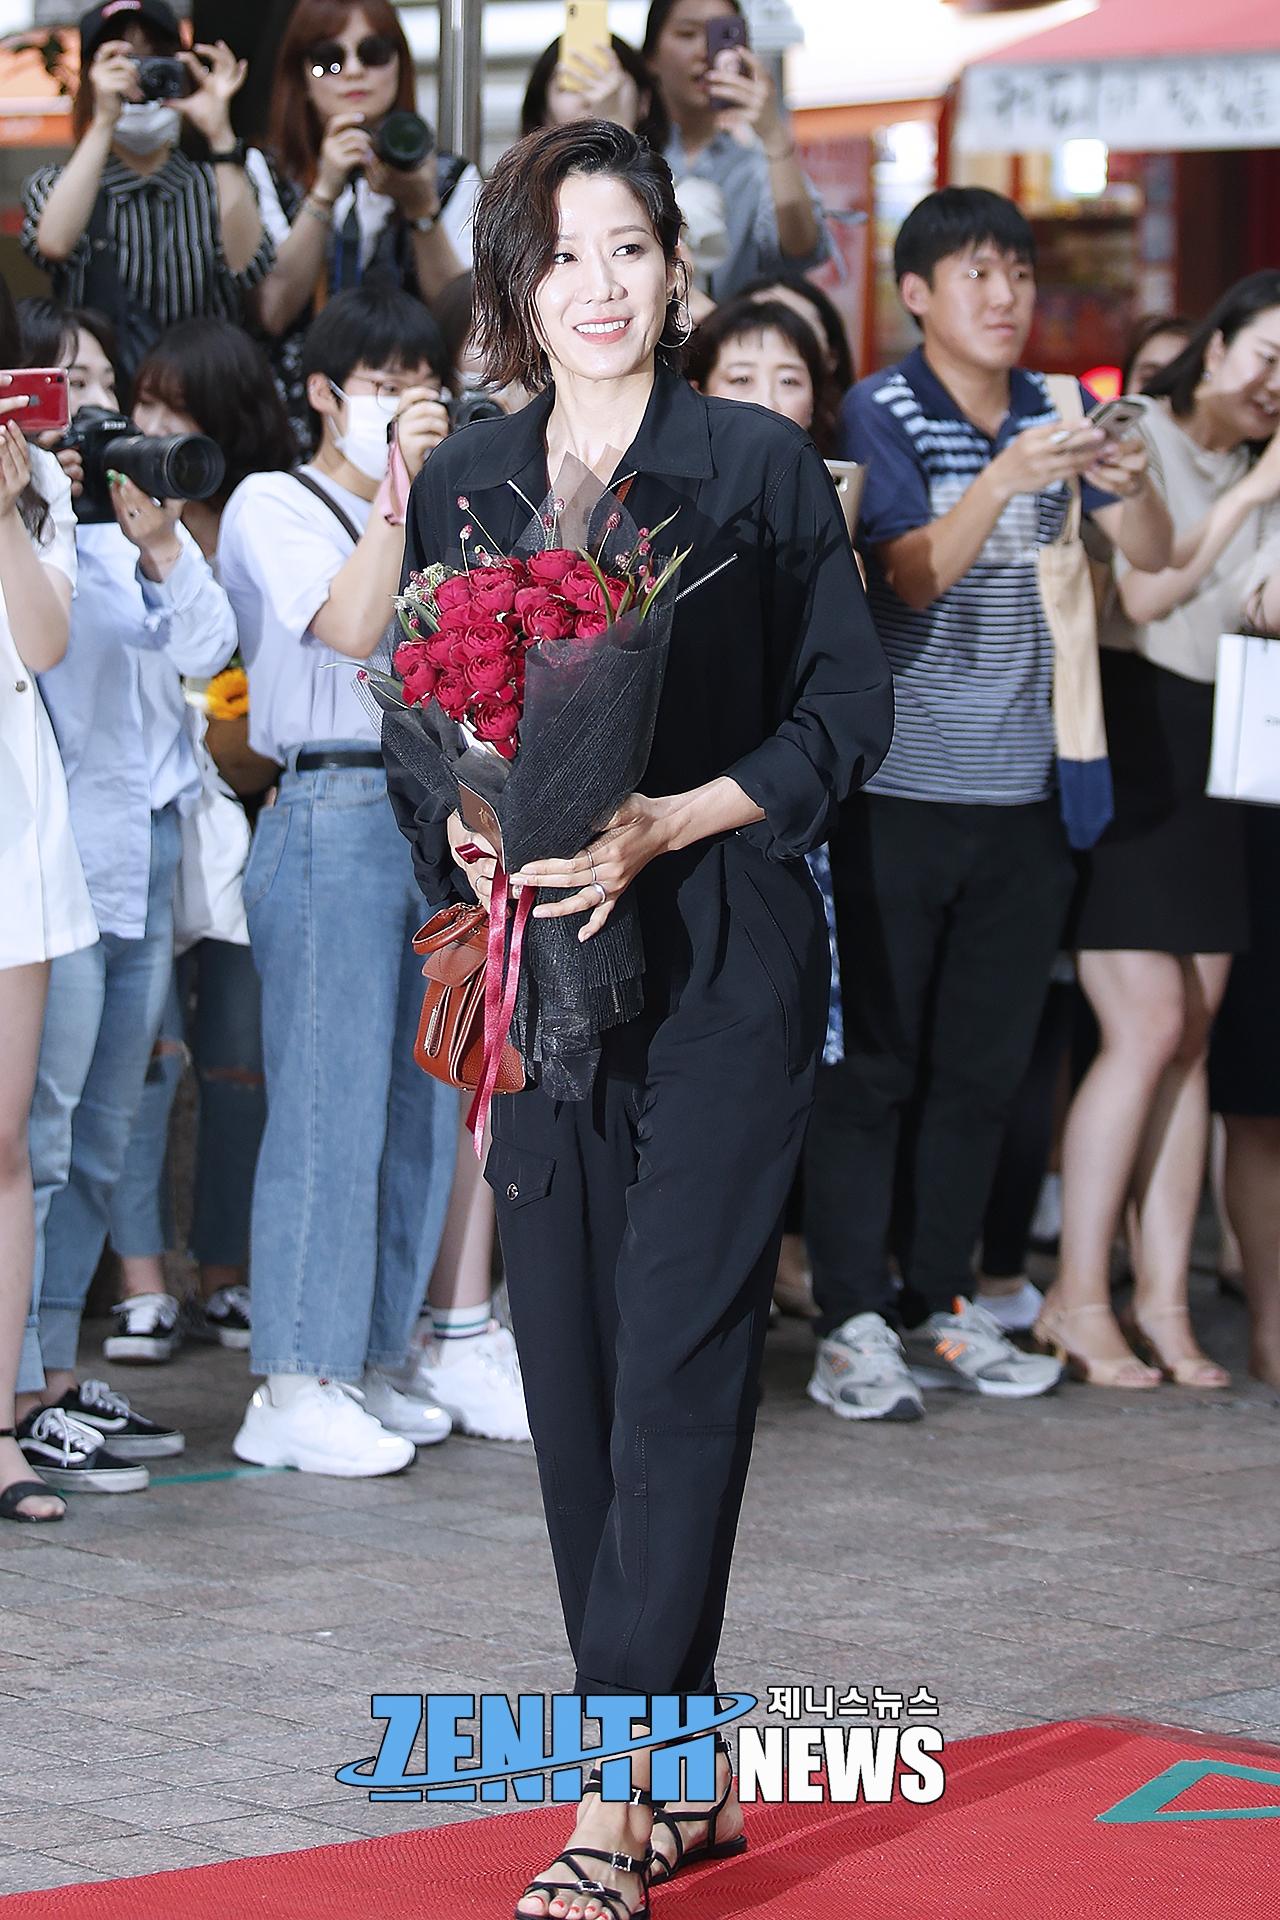 ▲ 검블유 전혜진-이다희 '남심-여심 다 자극하는 걸크러시 언니들♥' (사진=문찬희 인턴기자)